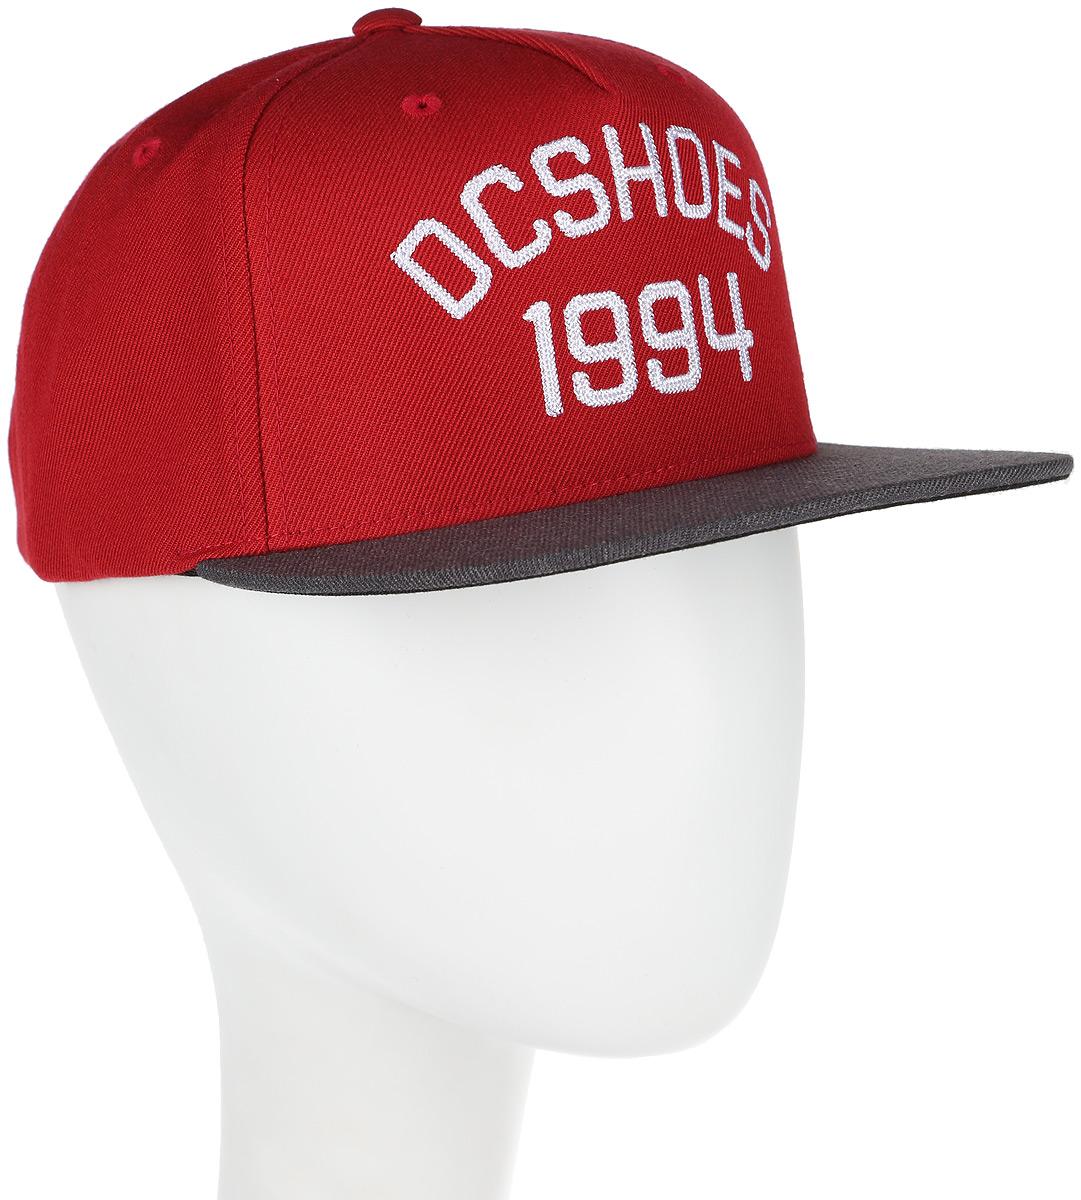 Бейсболка мужская DC Shoes Fellis, цвет: красный, серый. ADYHA03437-RRD0. Размер универсальныйADYHA03437-RRD0Бейсболка мужская Fellis изготовлена из акрила с добавлением шерсти. Модель имеет пятипанельный дизайн. Обхват регулируется с помощью пластикового ремешка сзади. Модель спереди дополнена декоративной вышивкой цепным стежком.